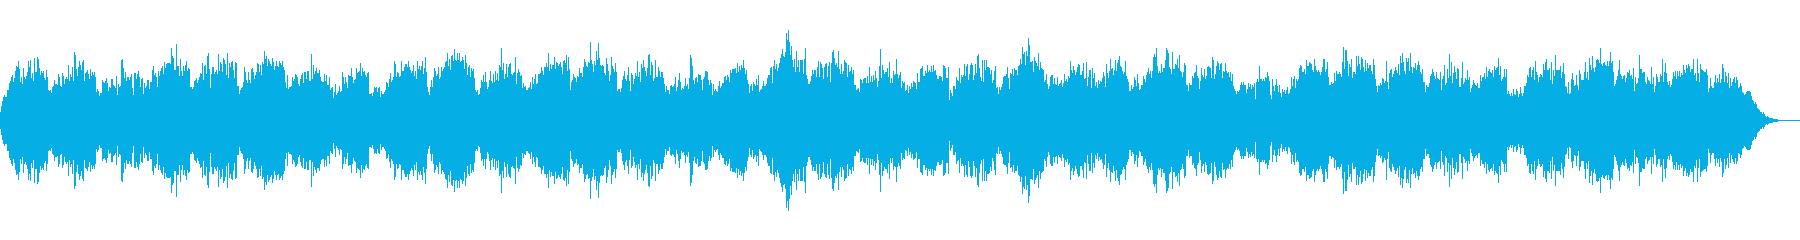 恐怖感を演出するダークなコーラスBGMの再生済みの波形